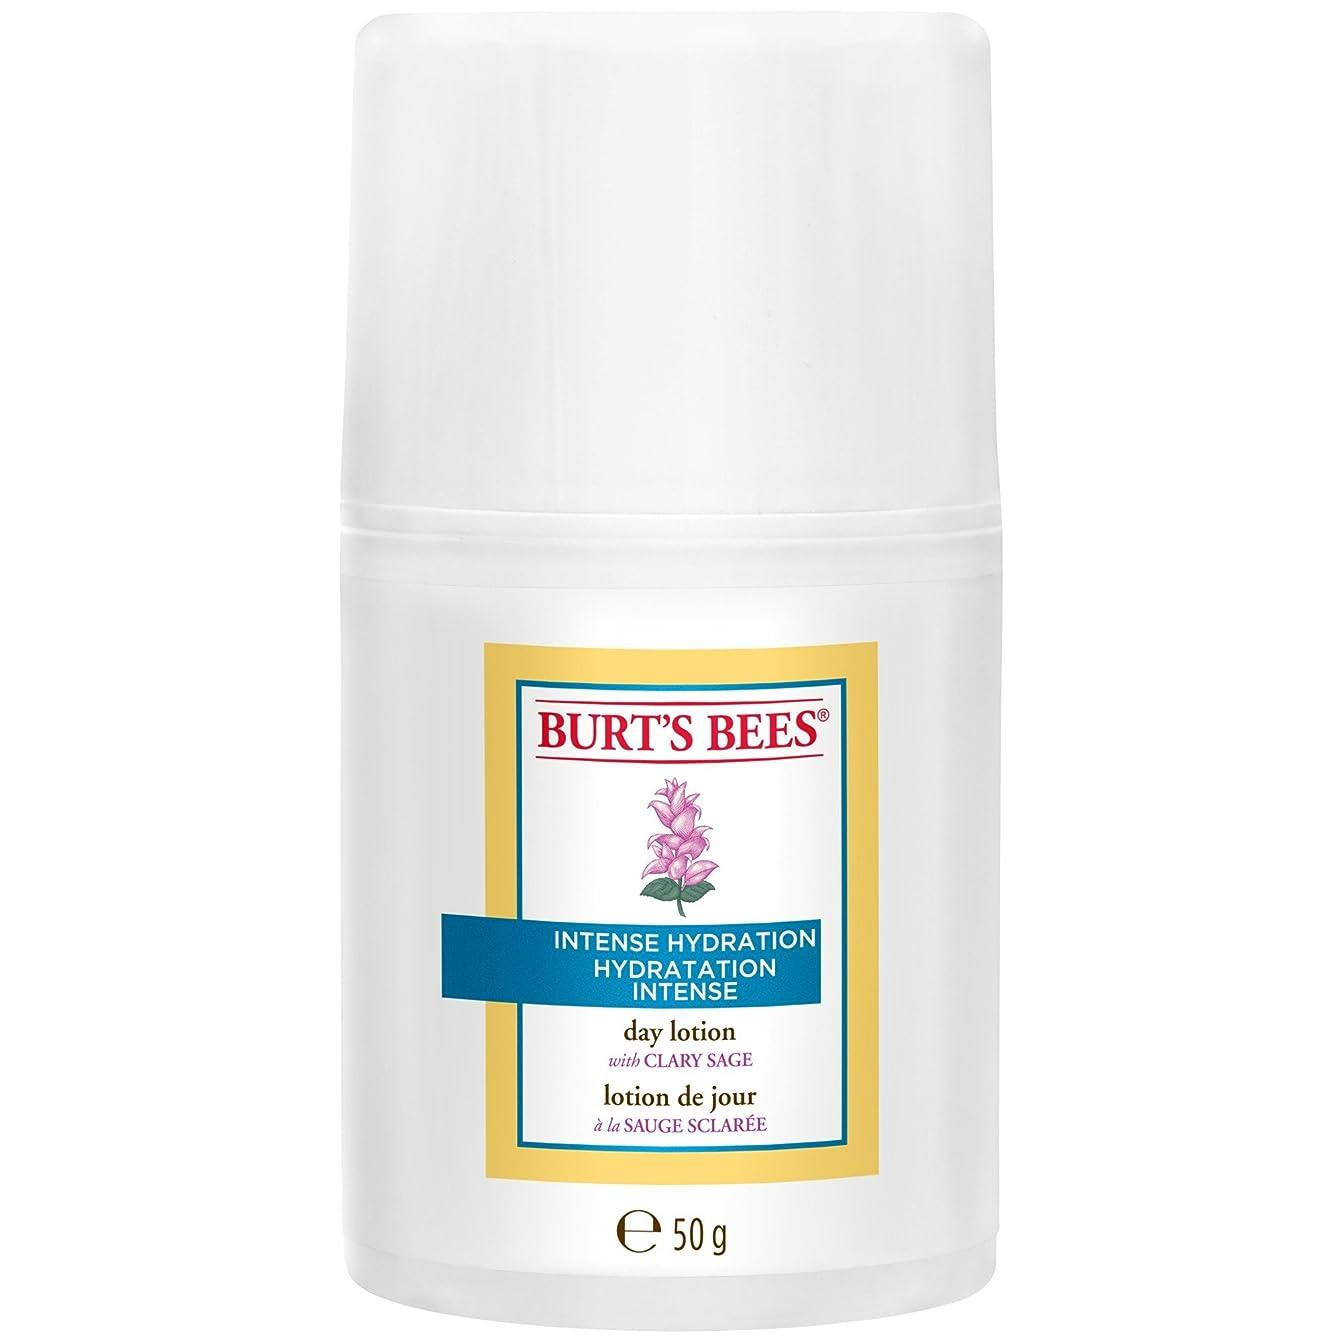 約設定植物学弁護人バーツビー激しい水和日ローション50グラム (Burt's Bees) (x6) - Burt's Bees Intense Hydration Day Lotion 50g (Pack of 6) [並行輸入品]